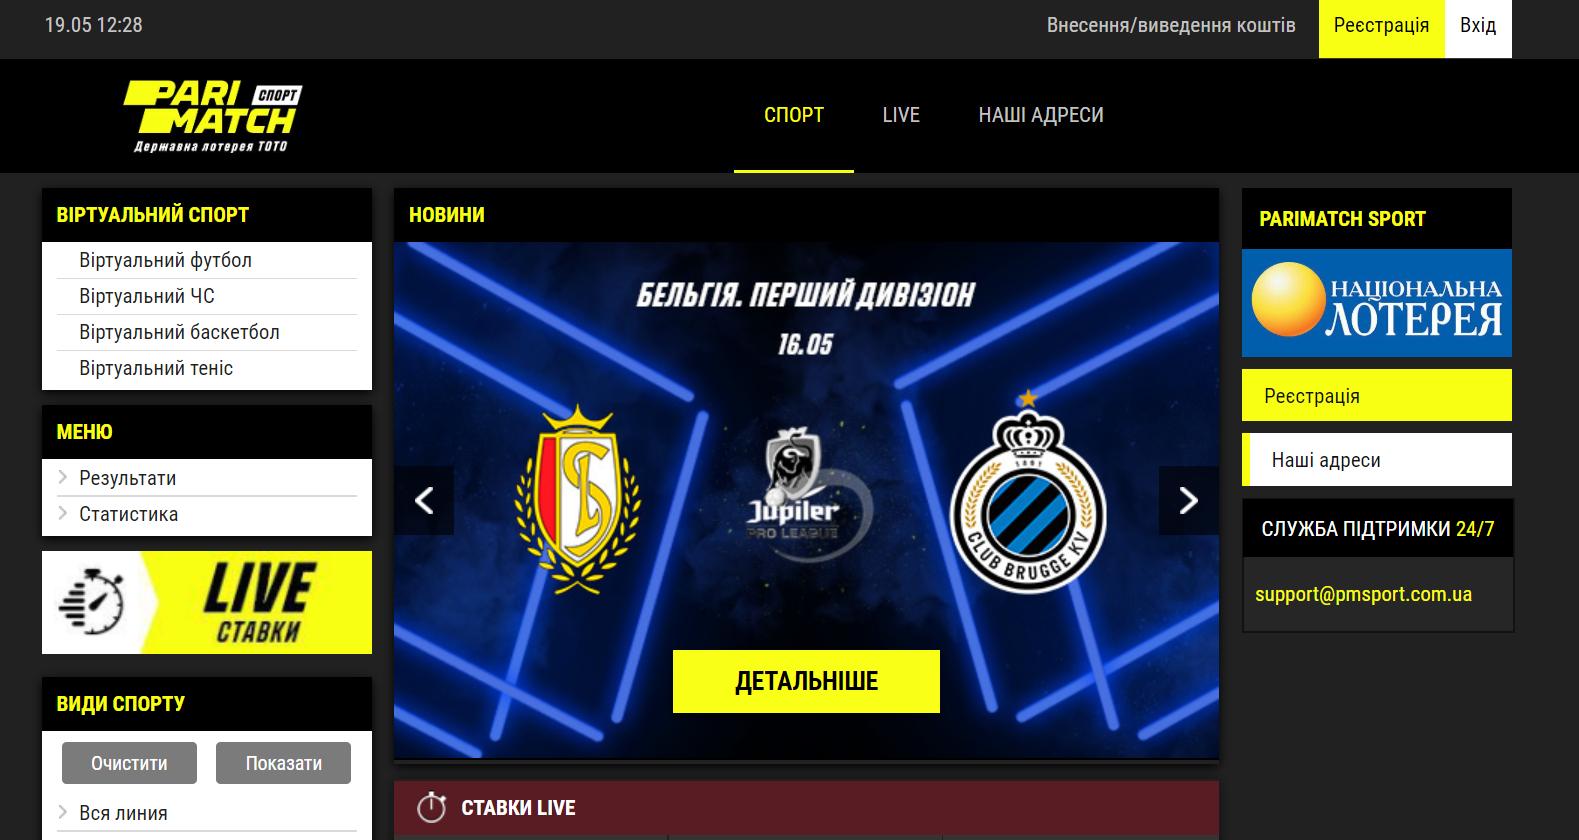 График матчей в РПЛ на сайте Париматч